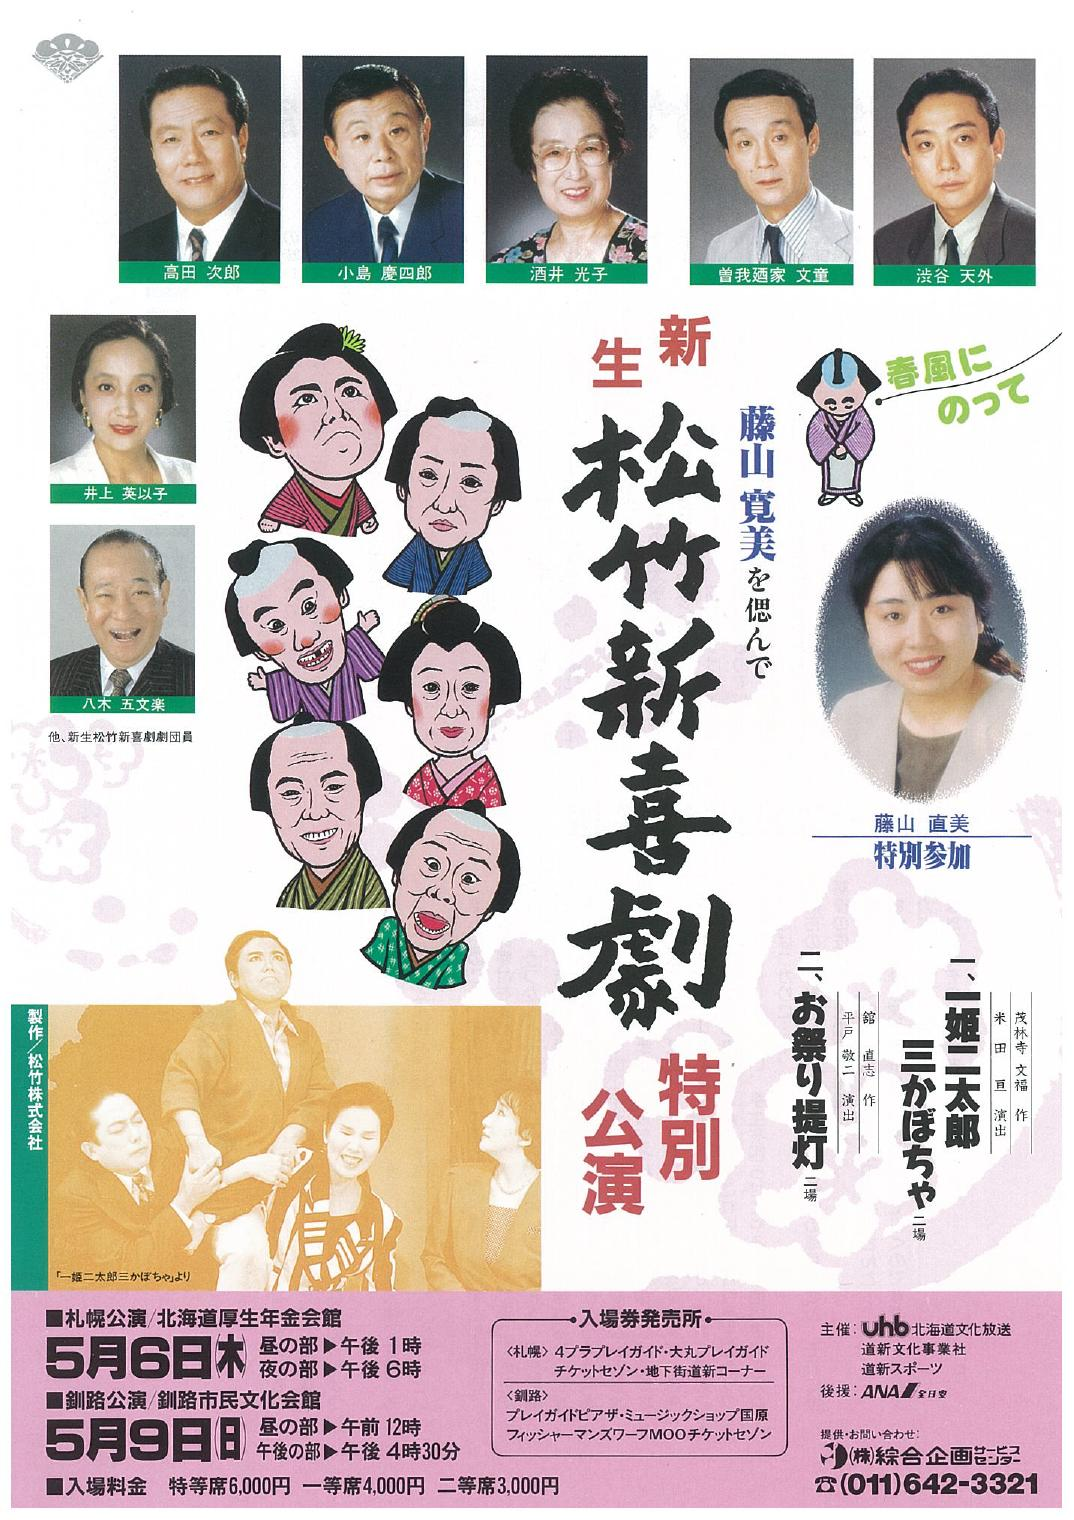 【巡業】新生松竹新喜劇